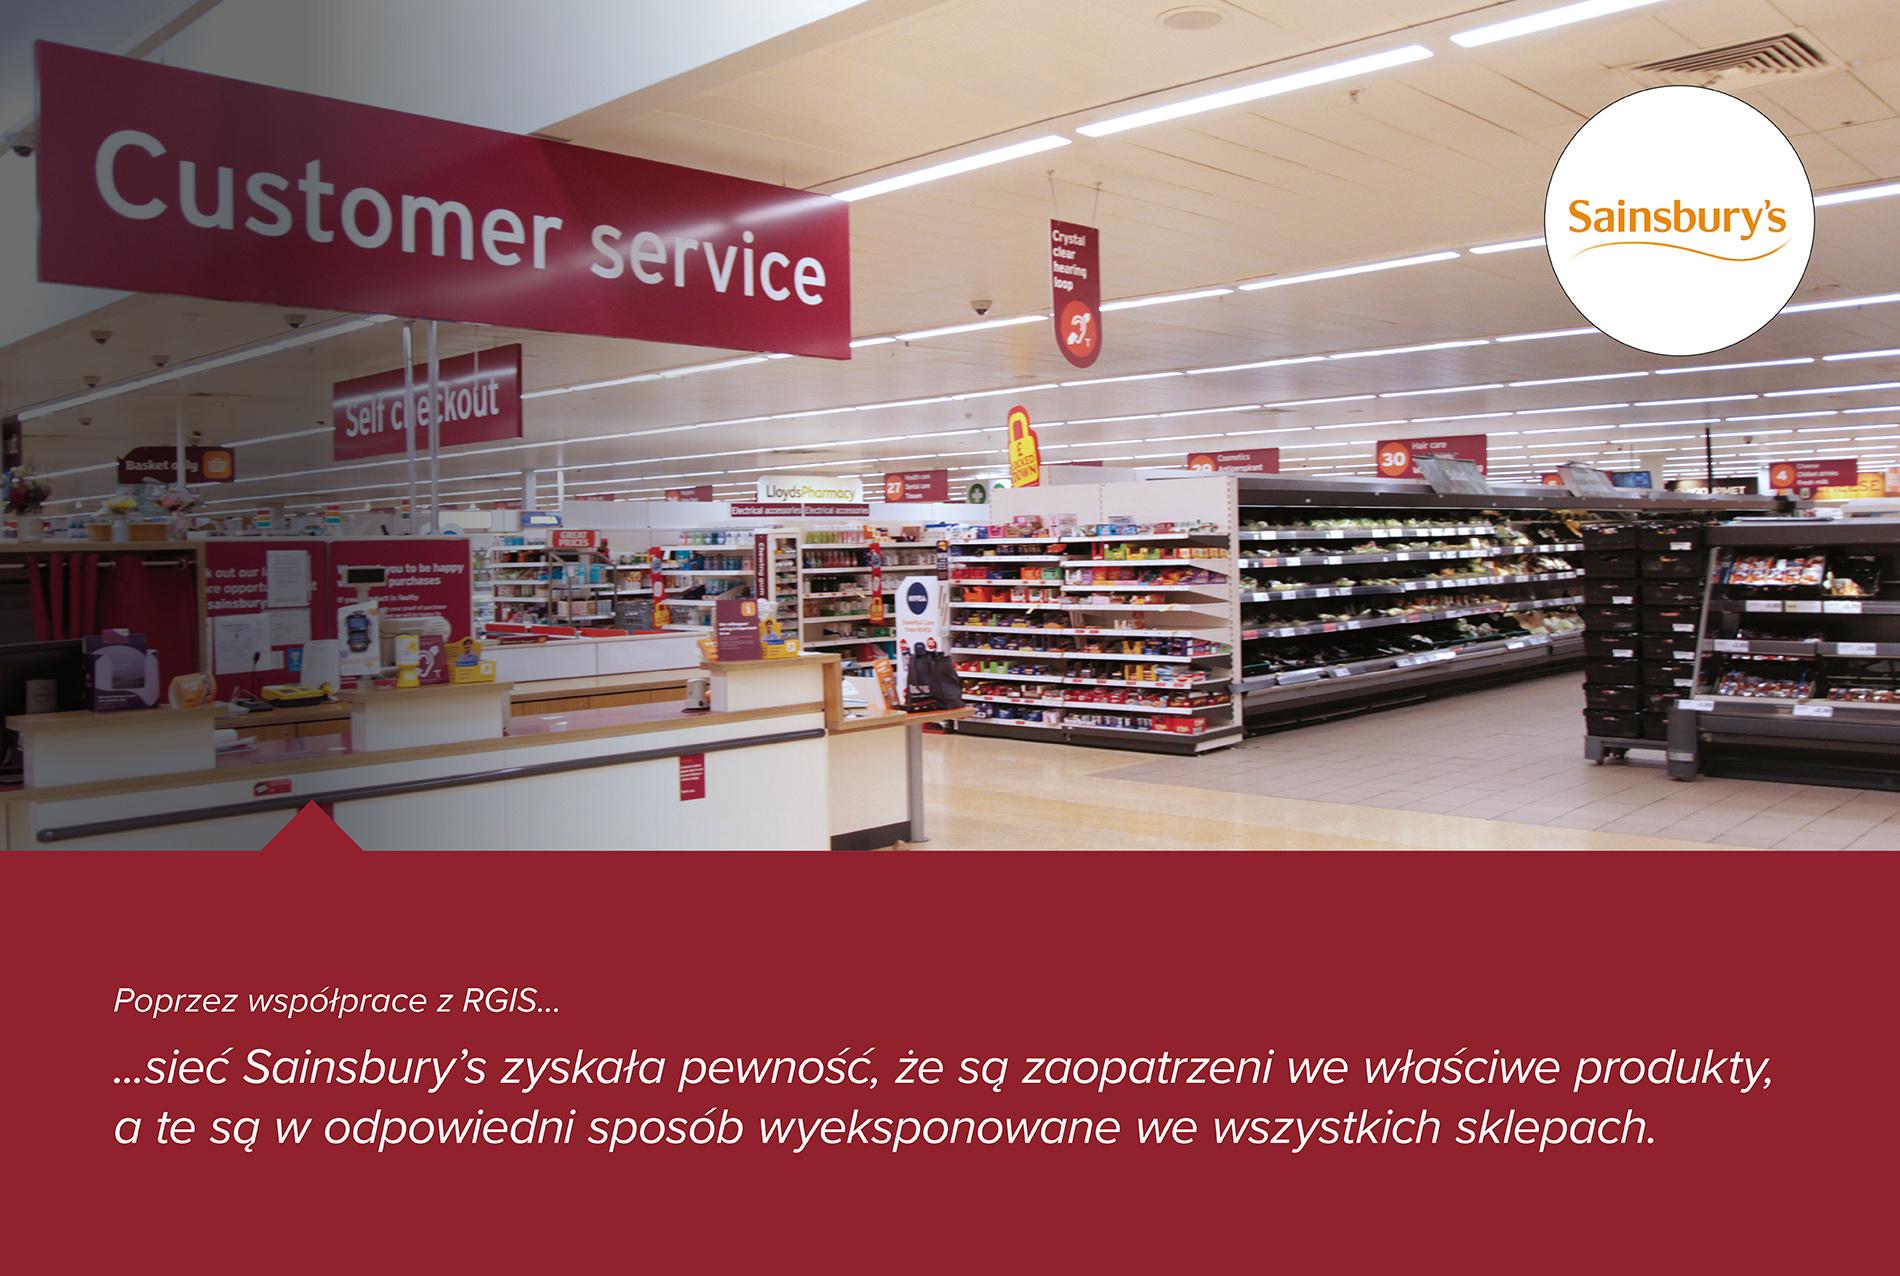 Studium przypadku RGIS dotyczące oznakowania w sklepie detalicznym